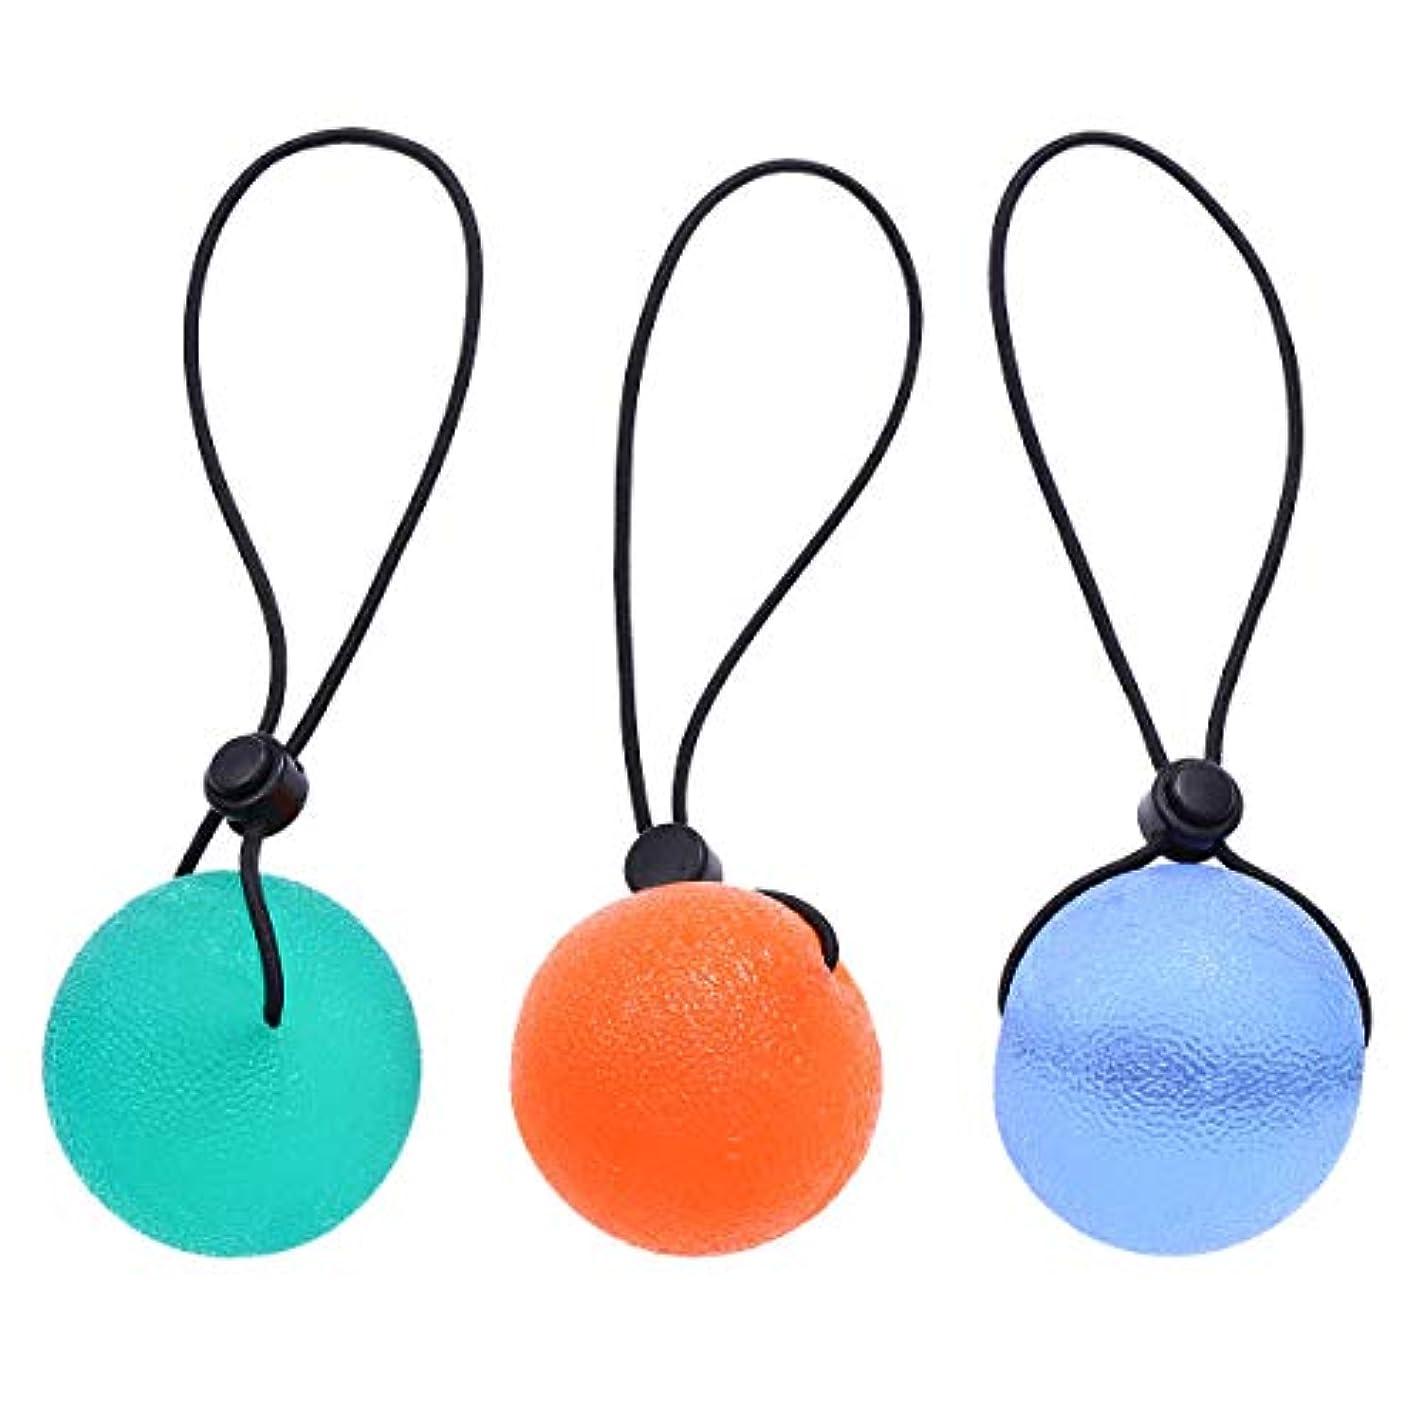 士気好きであるスカートHEALLILY 3個ハンドセラピー運動ボールグリップ強化剤指グリップボールと文字列